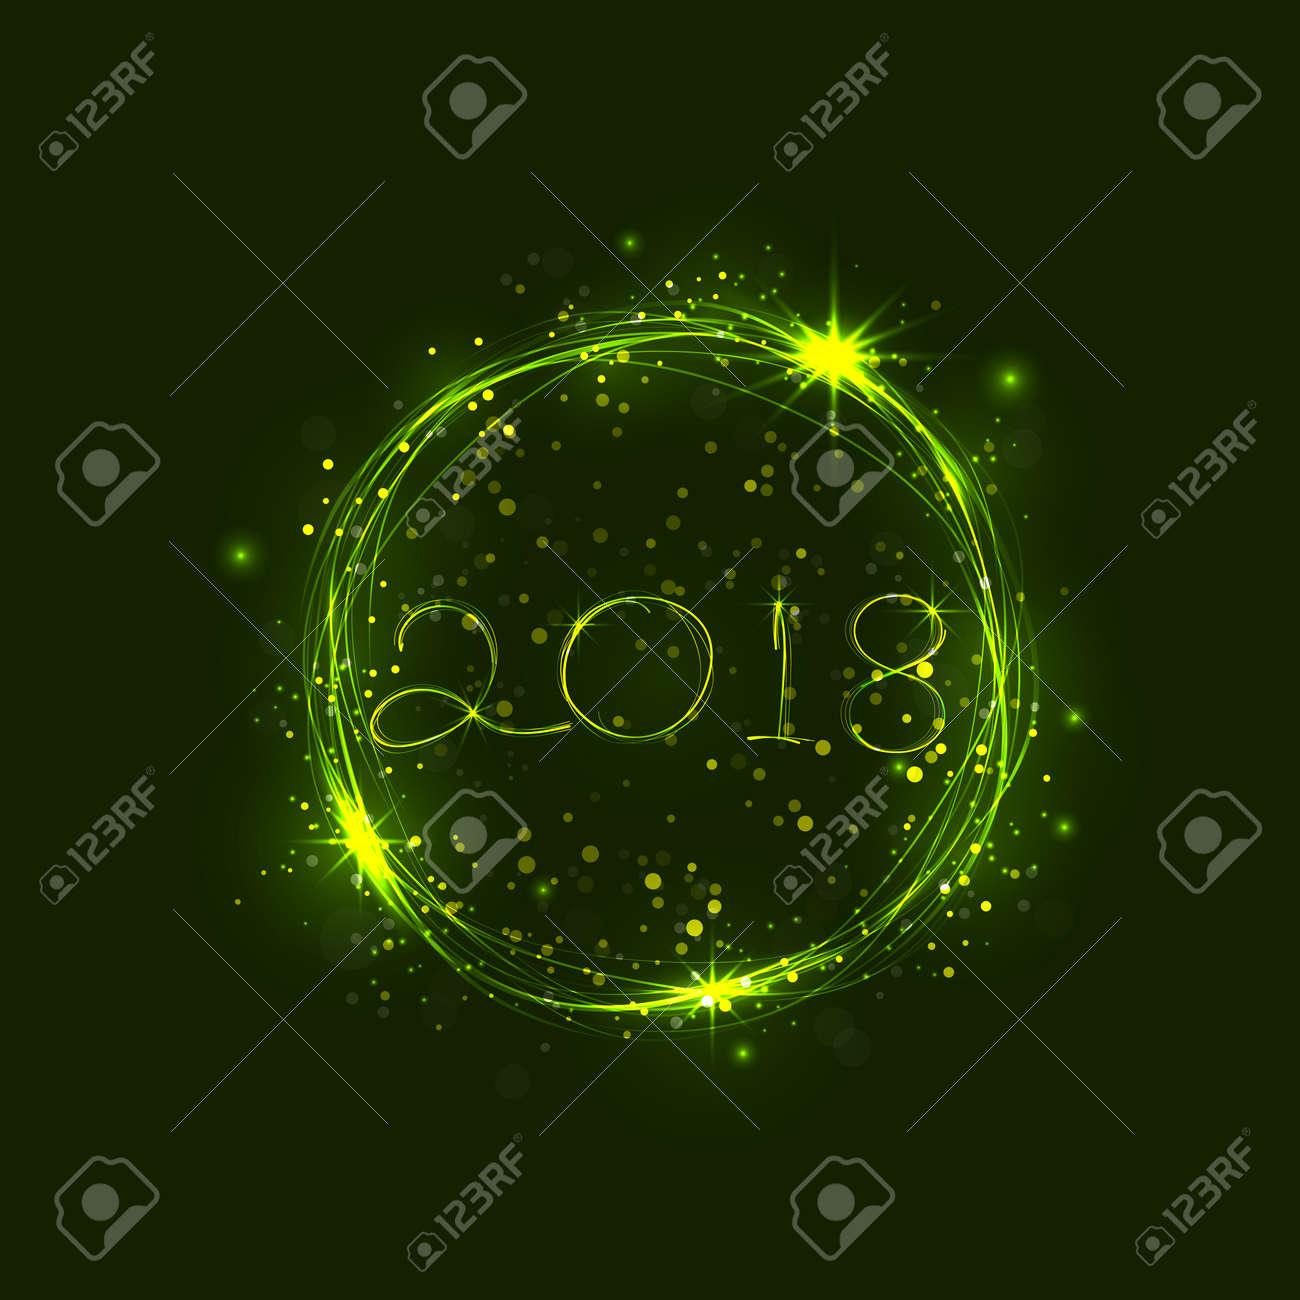 新年あけましておめでとうございます 2018年休日 background 2018 新年